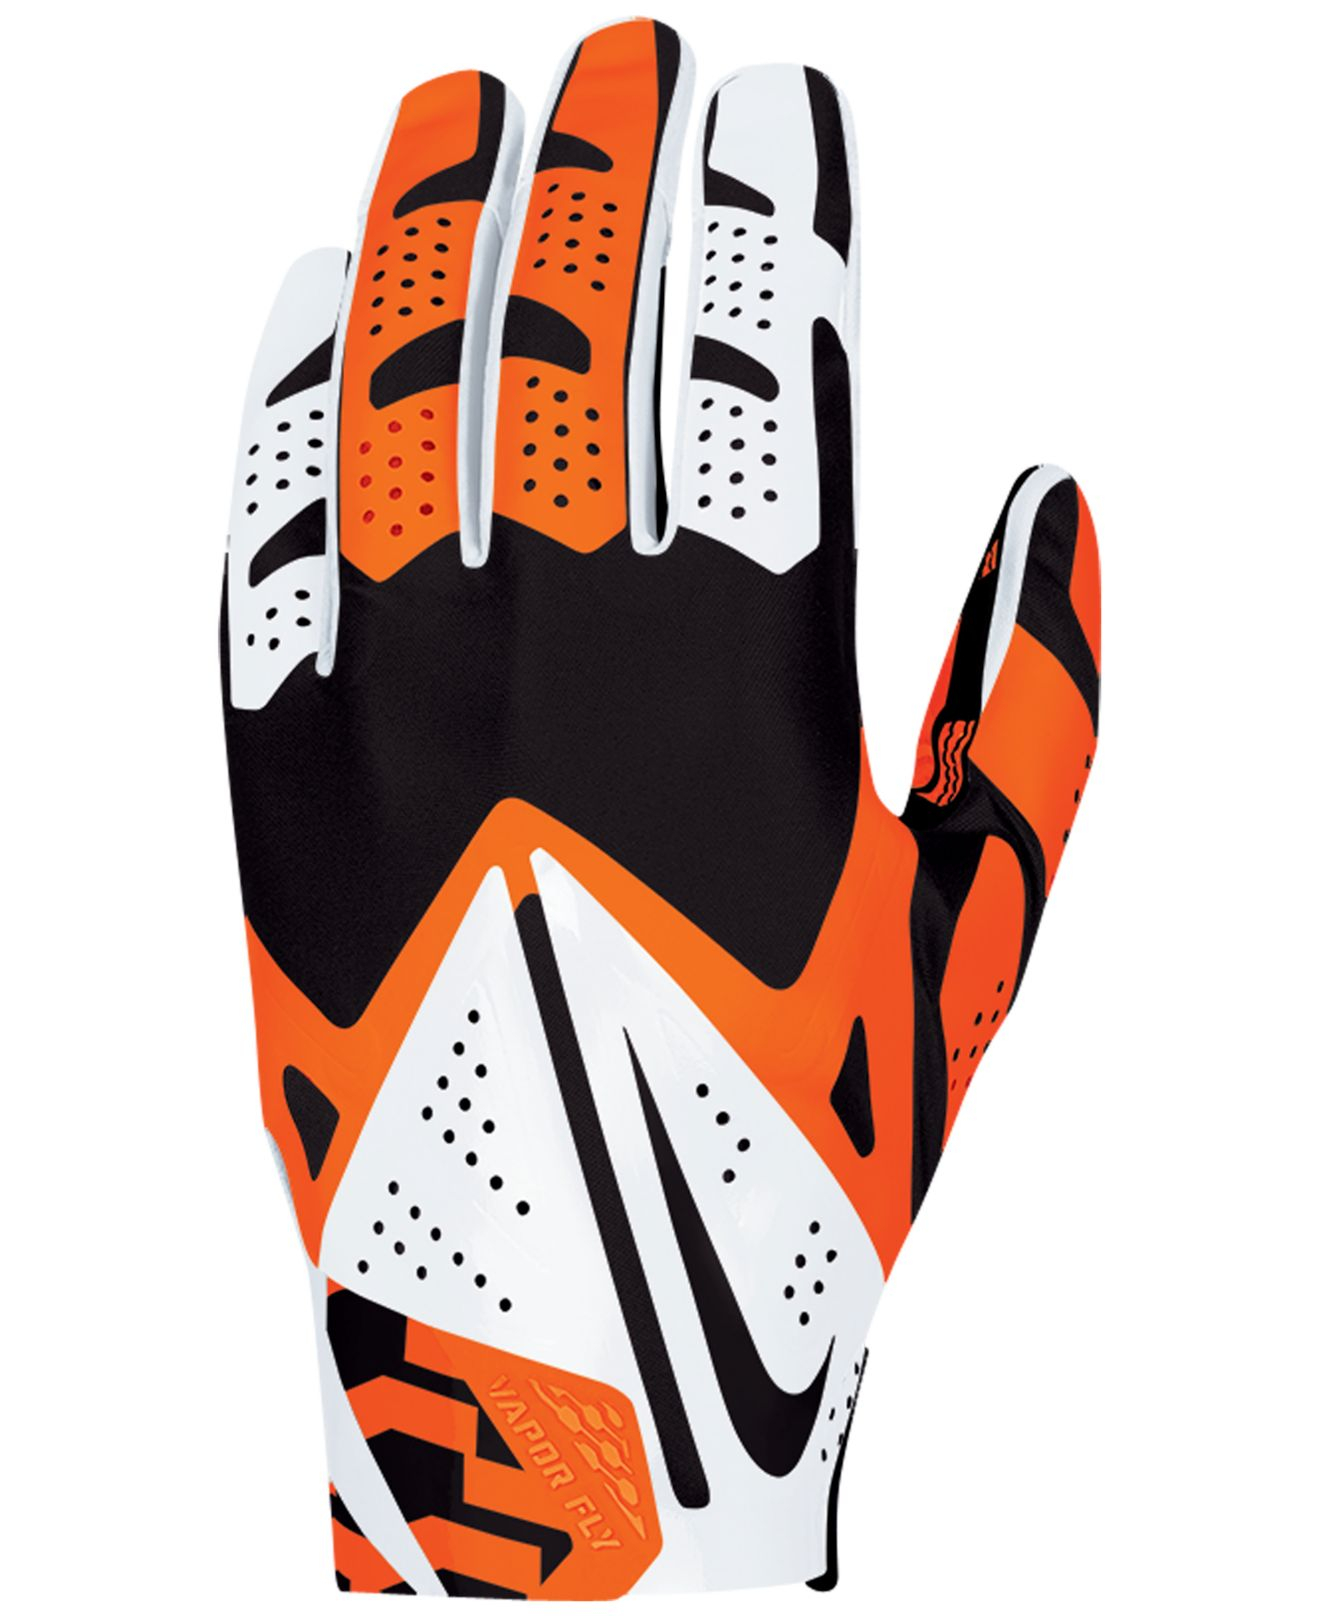 Nike Vapor Fly Gloves